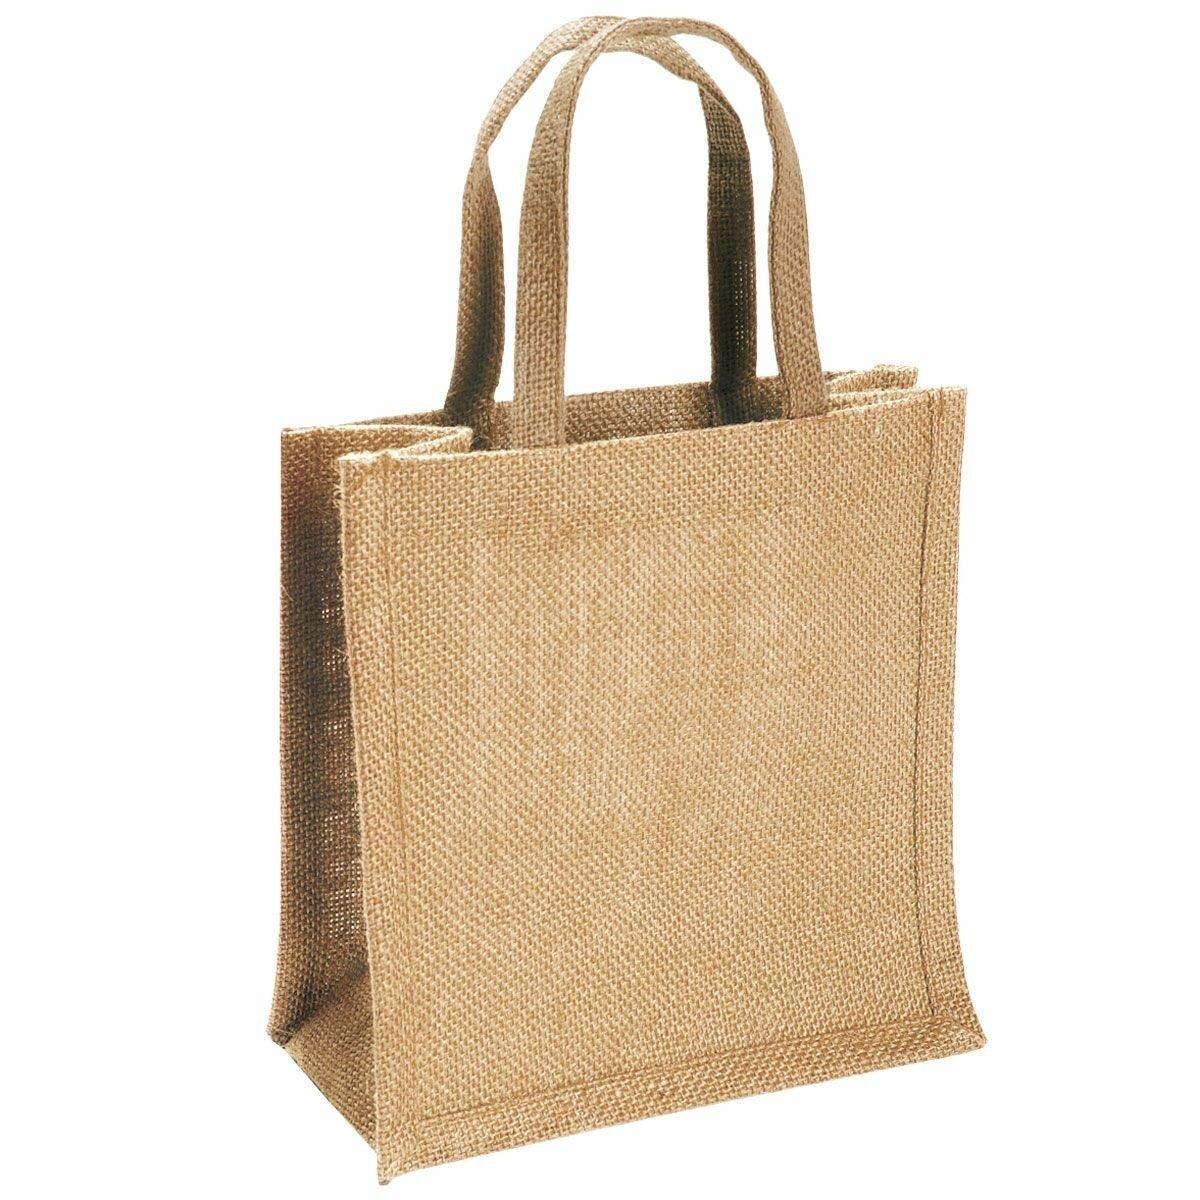 Сумка из джутовой ткани 45x35x14 см - фото джут сумка